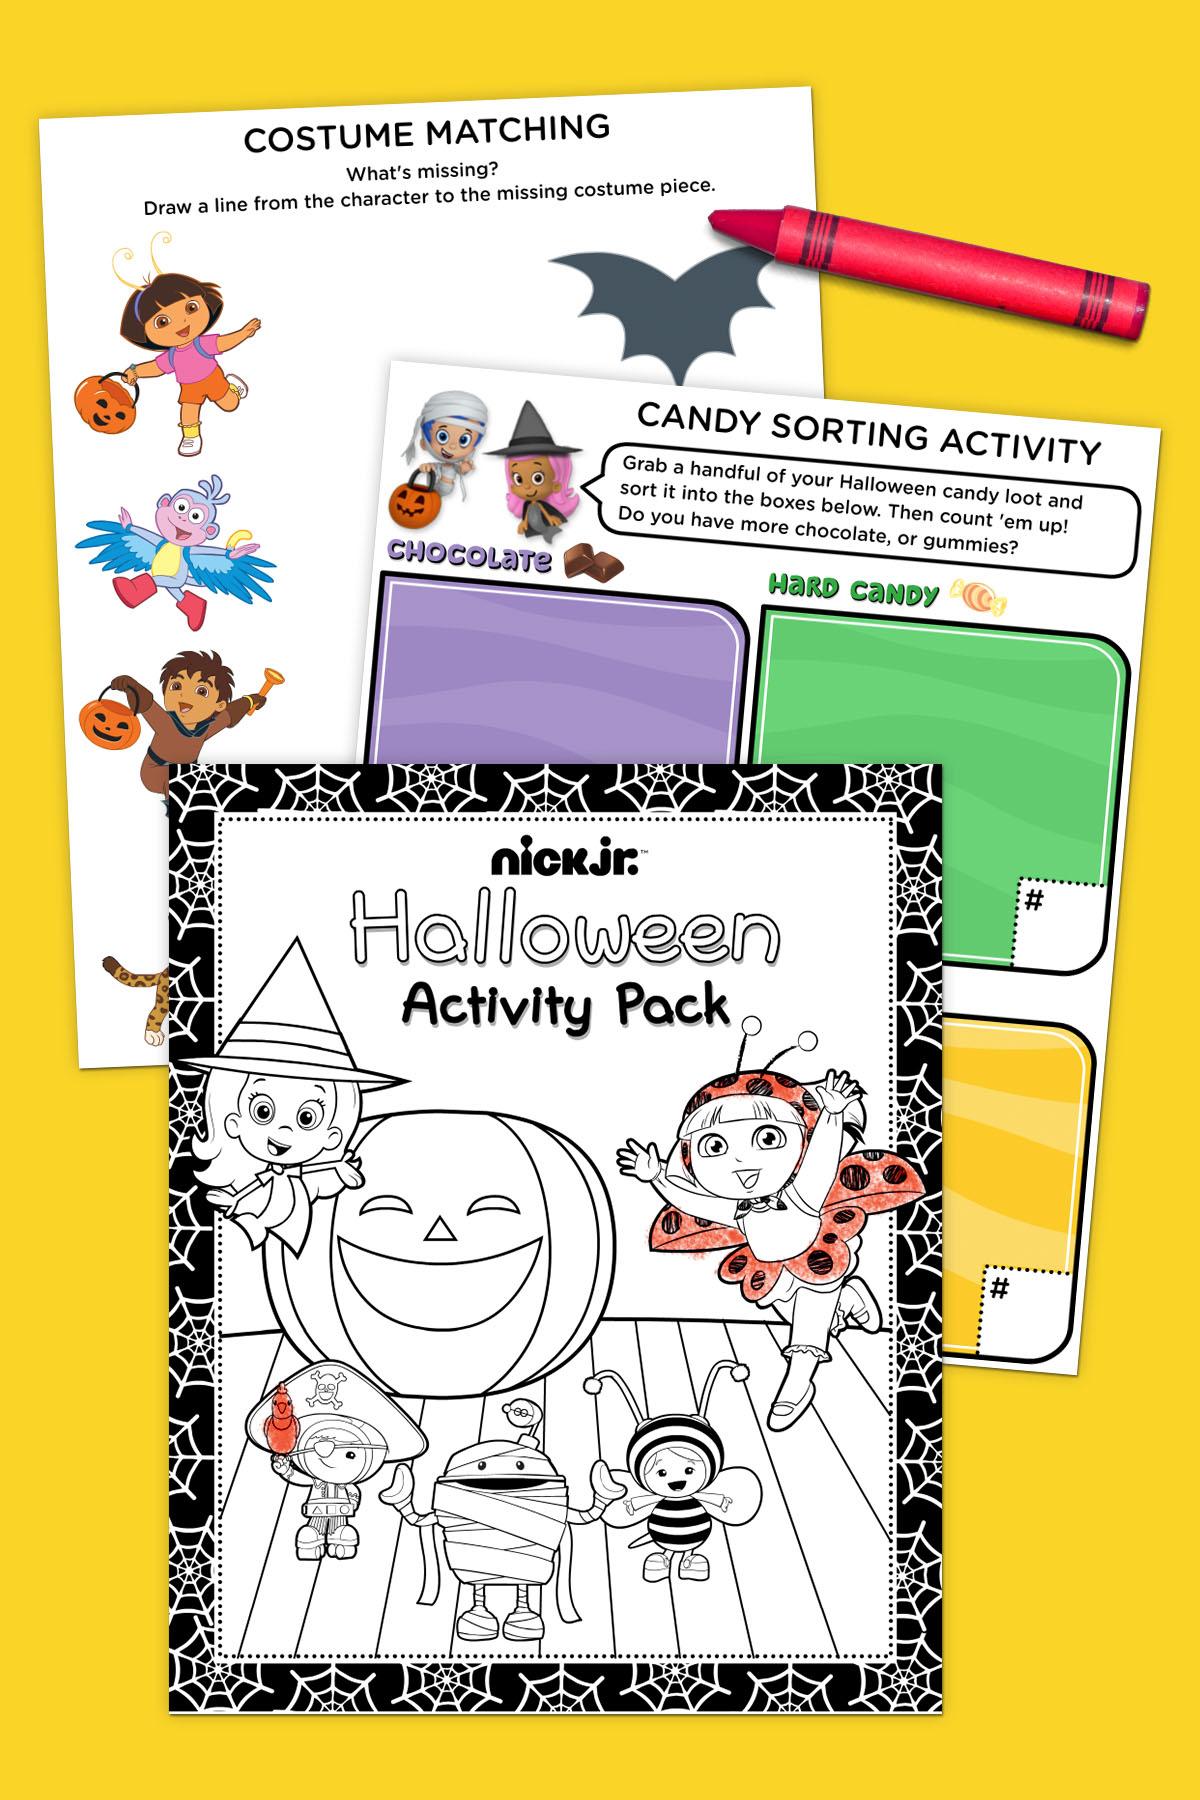 Nick Jr. Halloween Activity Pack | Nickelodeon Parents